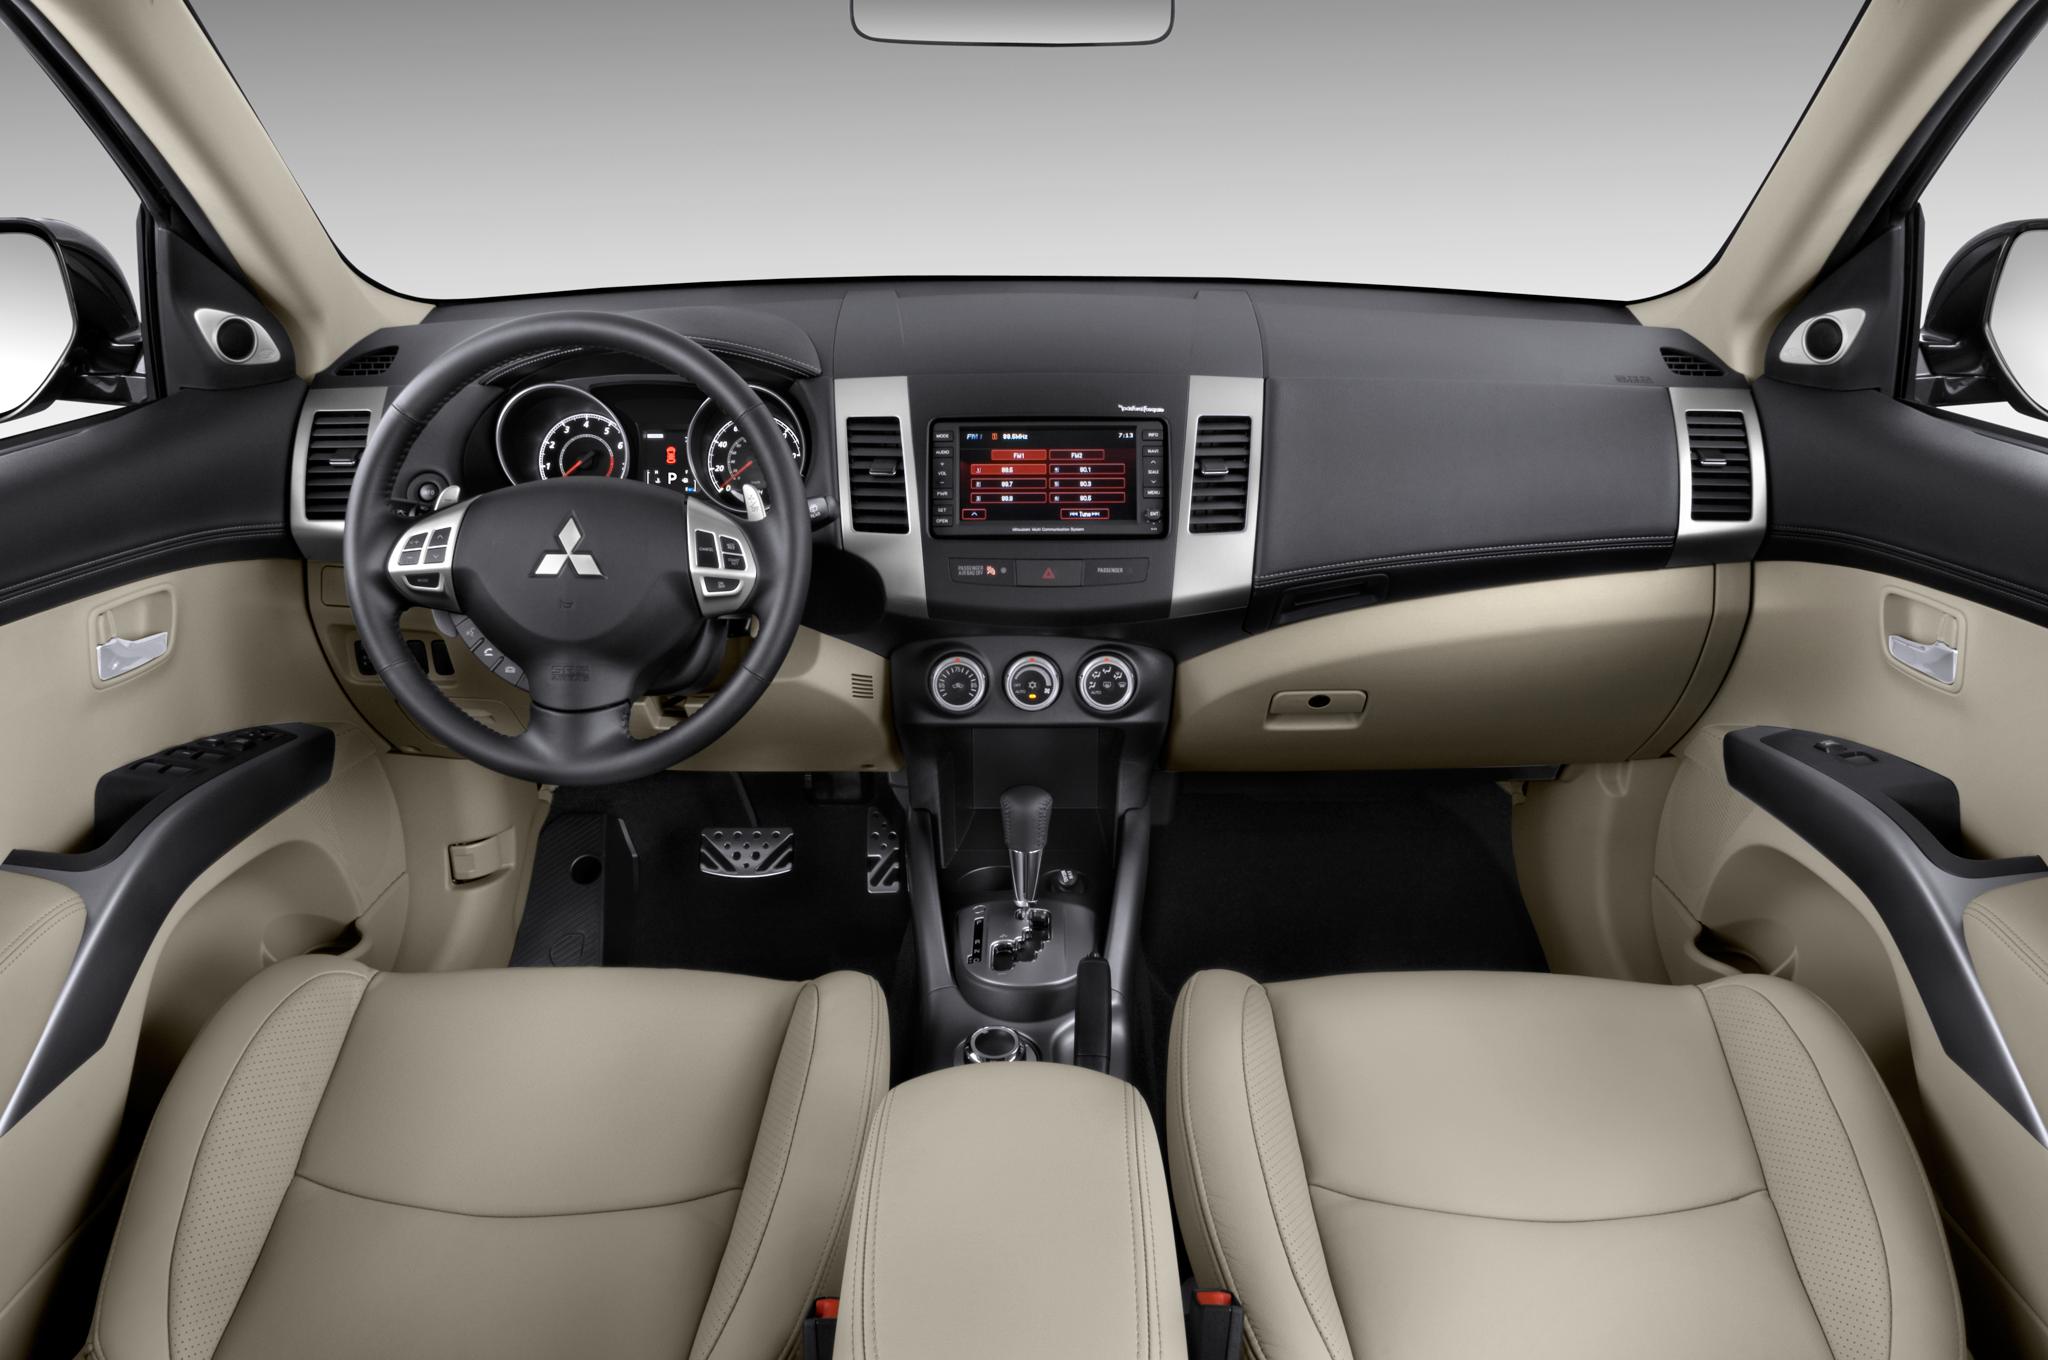 2010 Mitsubishi Outlander GT - Mitsubishi Crossover SUV ...